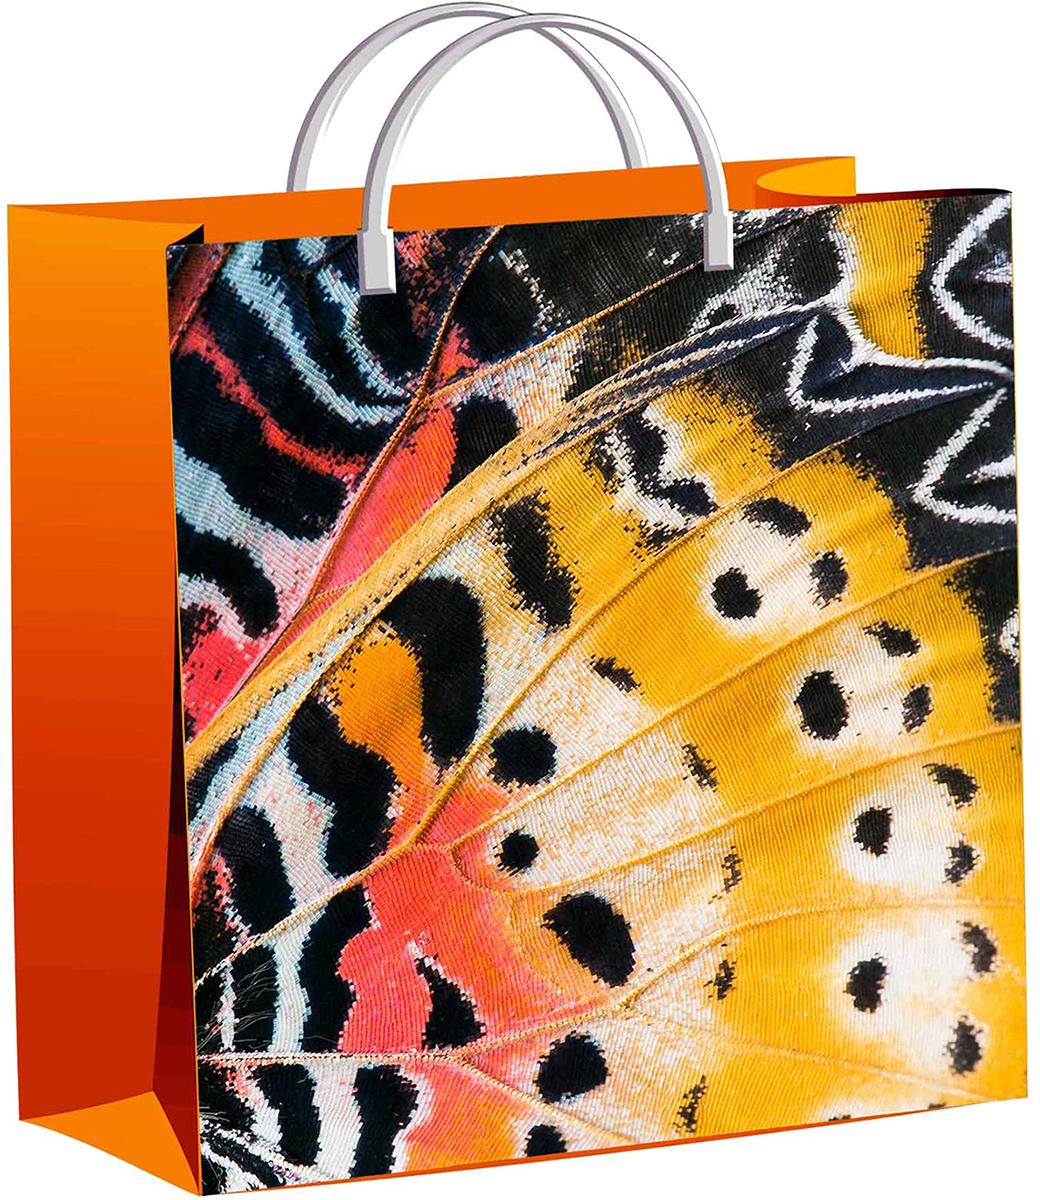 Пакет подарочный ТикоПластик Крыло бабочки, цвет: оранжевый, 30 х 30 см. 23273832327383Любой подарок начинается с упаковки. Что может быть трогательнее и волшебнее, чем ритуал разворачивания полученного презента. И именно оригинальная, со вкусом выбранная упаковка выделит ваш подарок из массы других. Она продемонстрирует самые теплые чувства к виновнику торжества и создаст сказочную атмосферу праздника - это то, что вы искали.